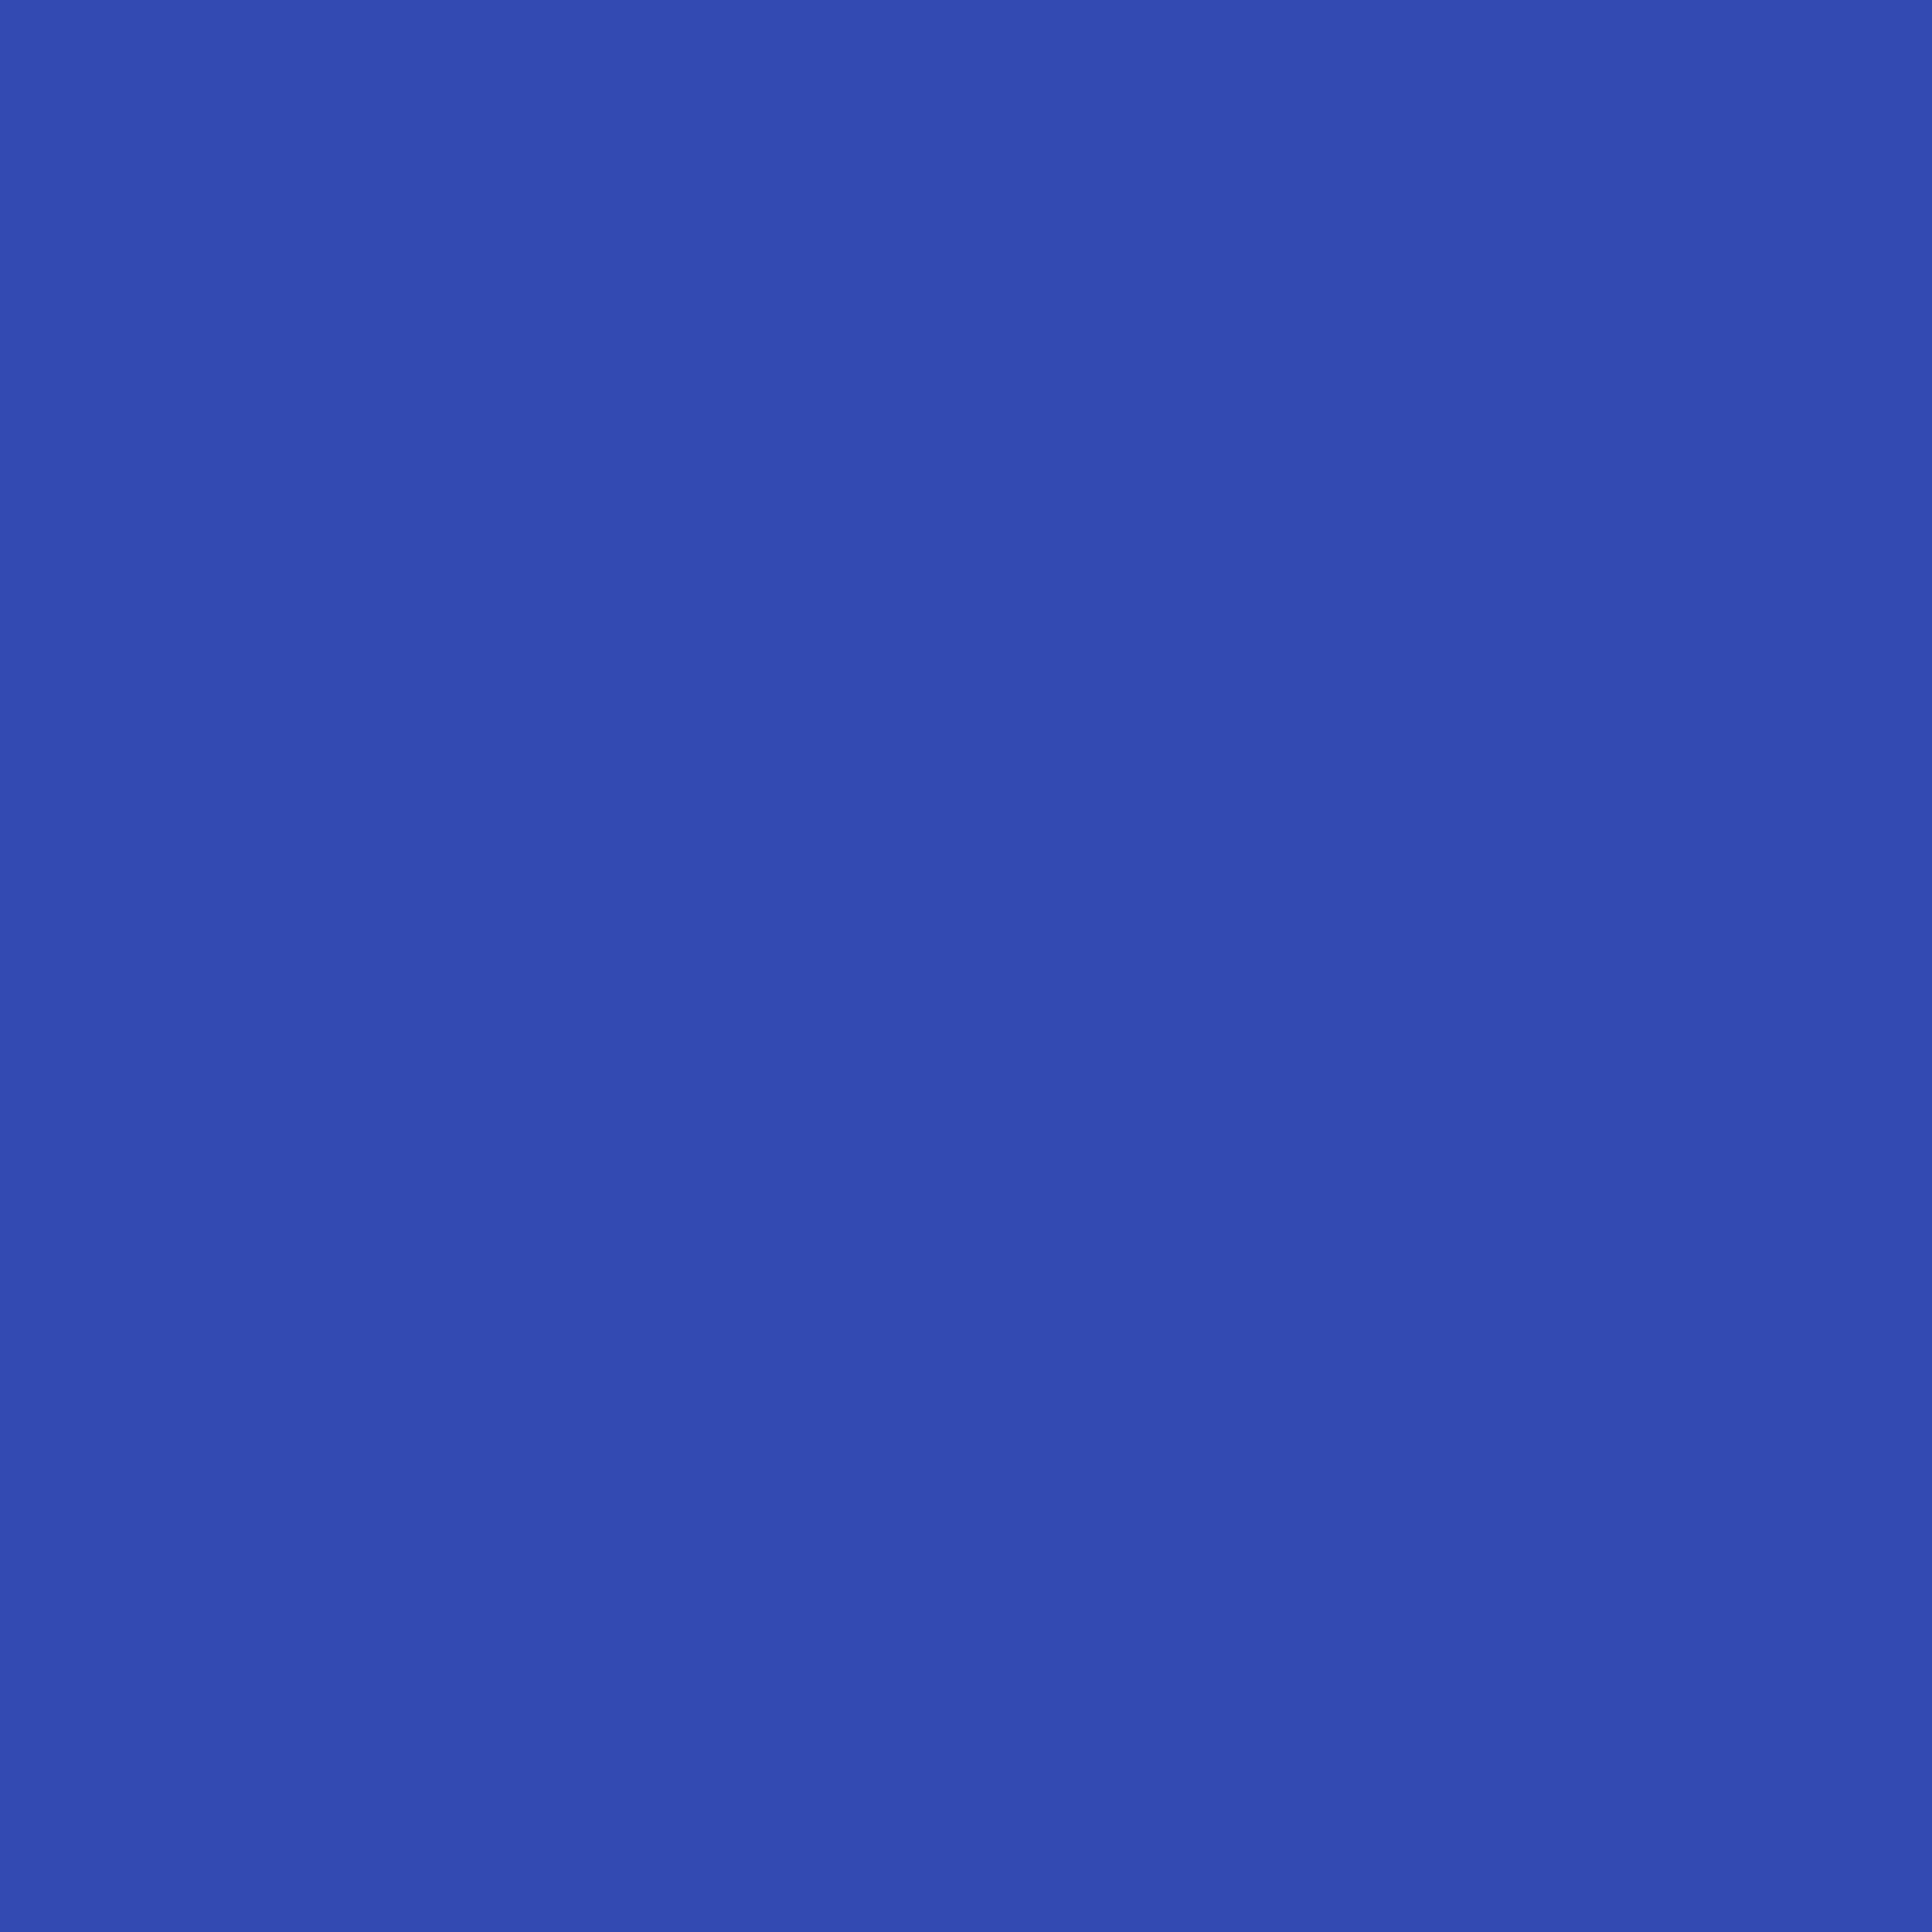 2732x2732 Violet-blue Solid Color Background